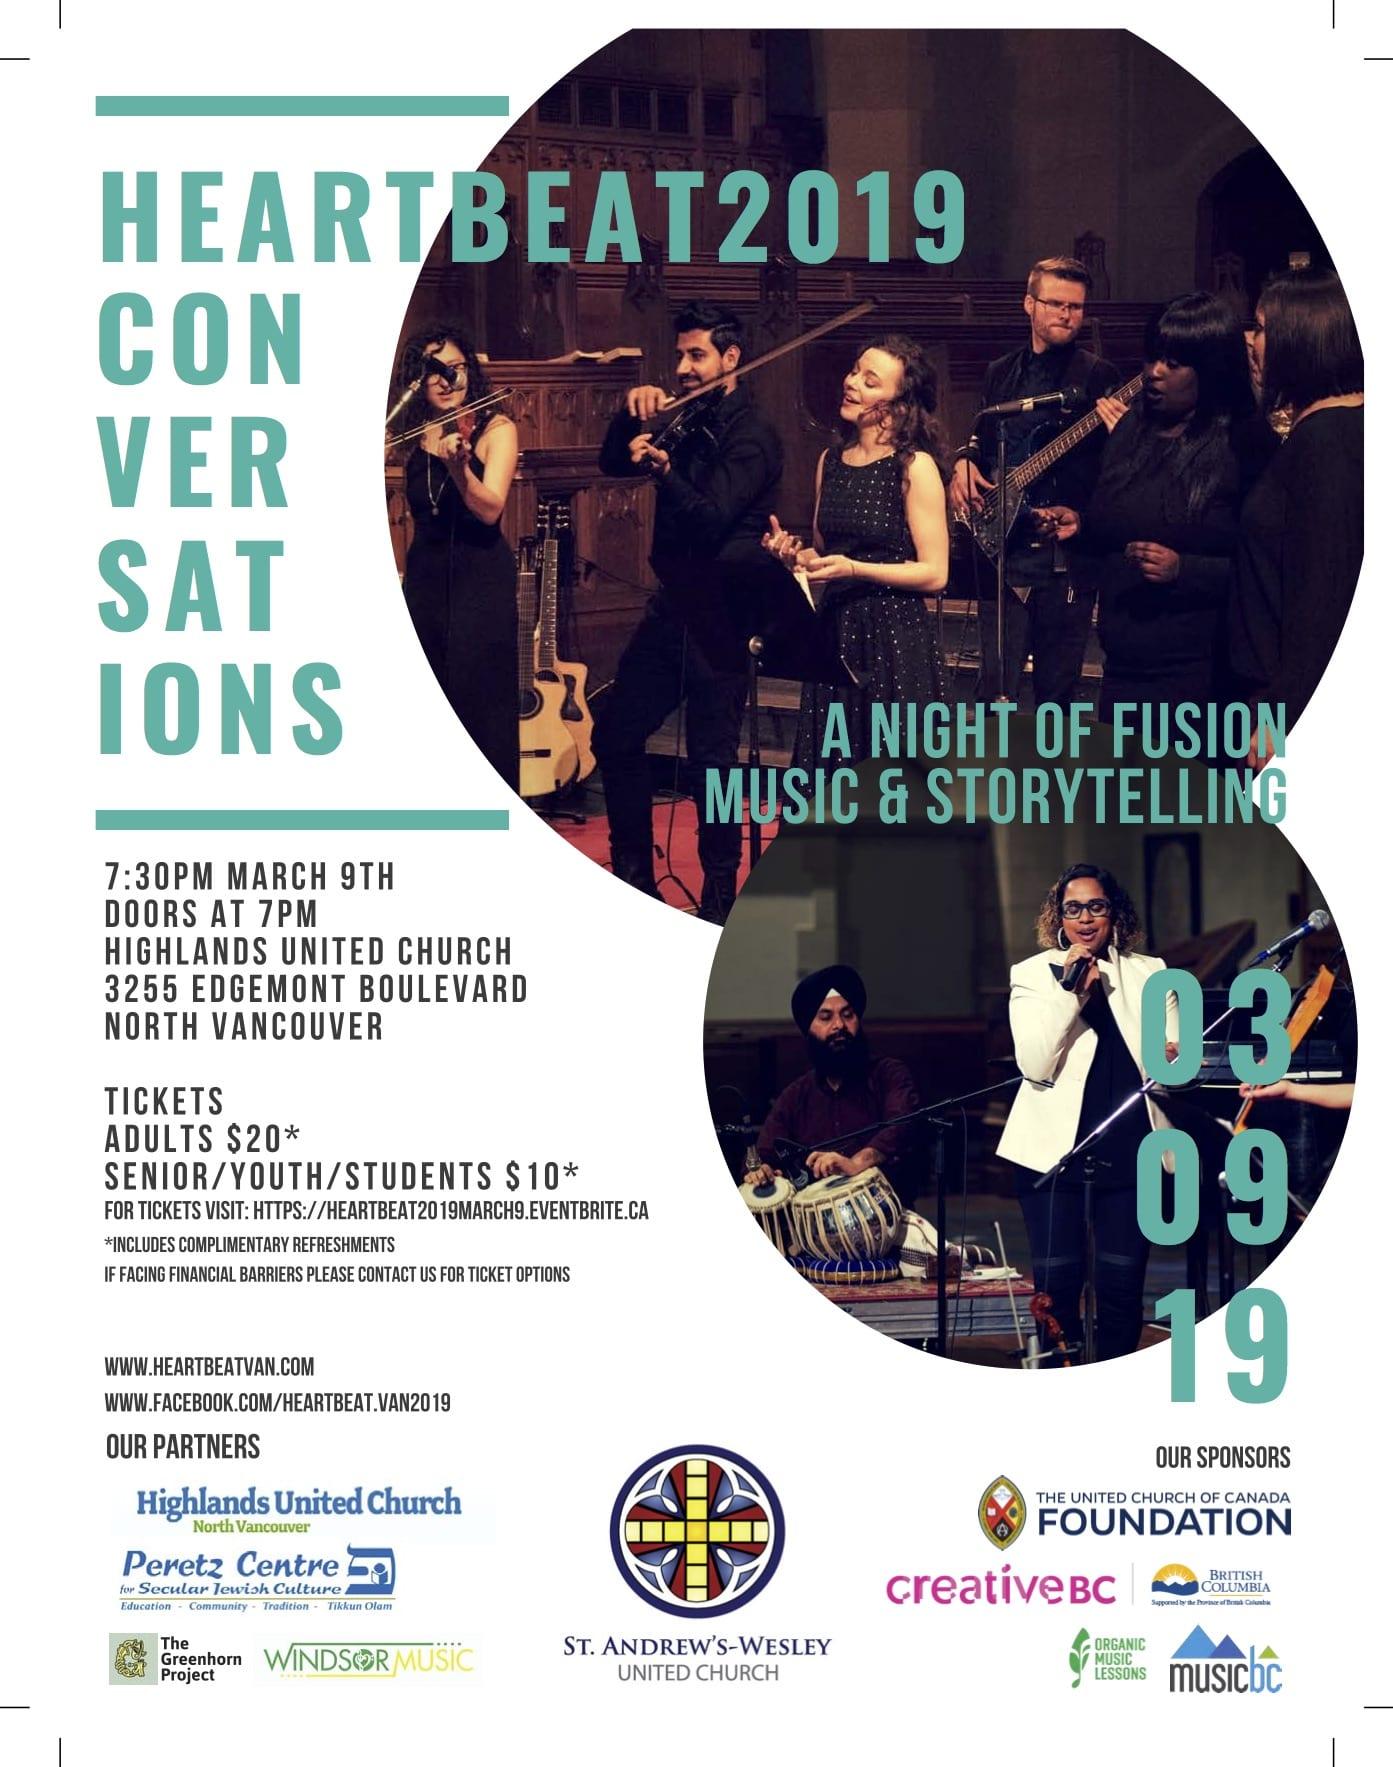 HEARTBEAT 2019